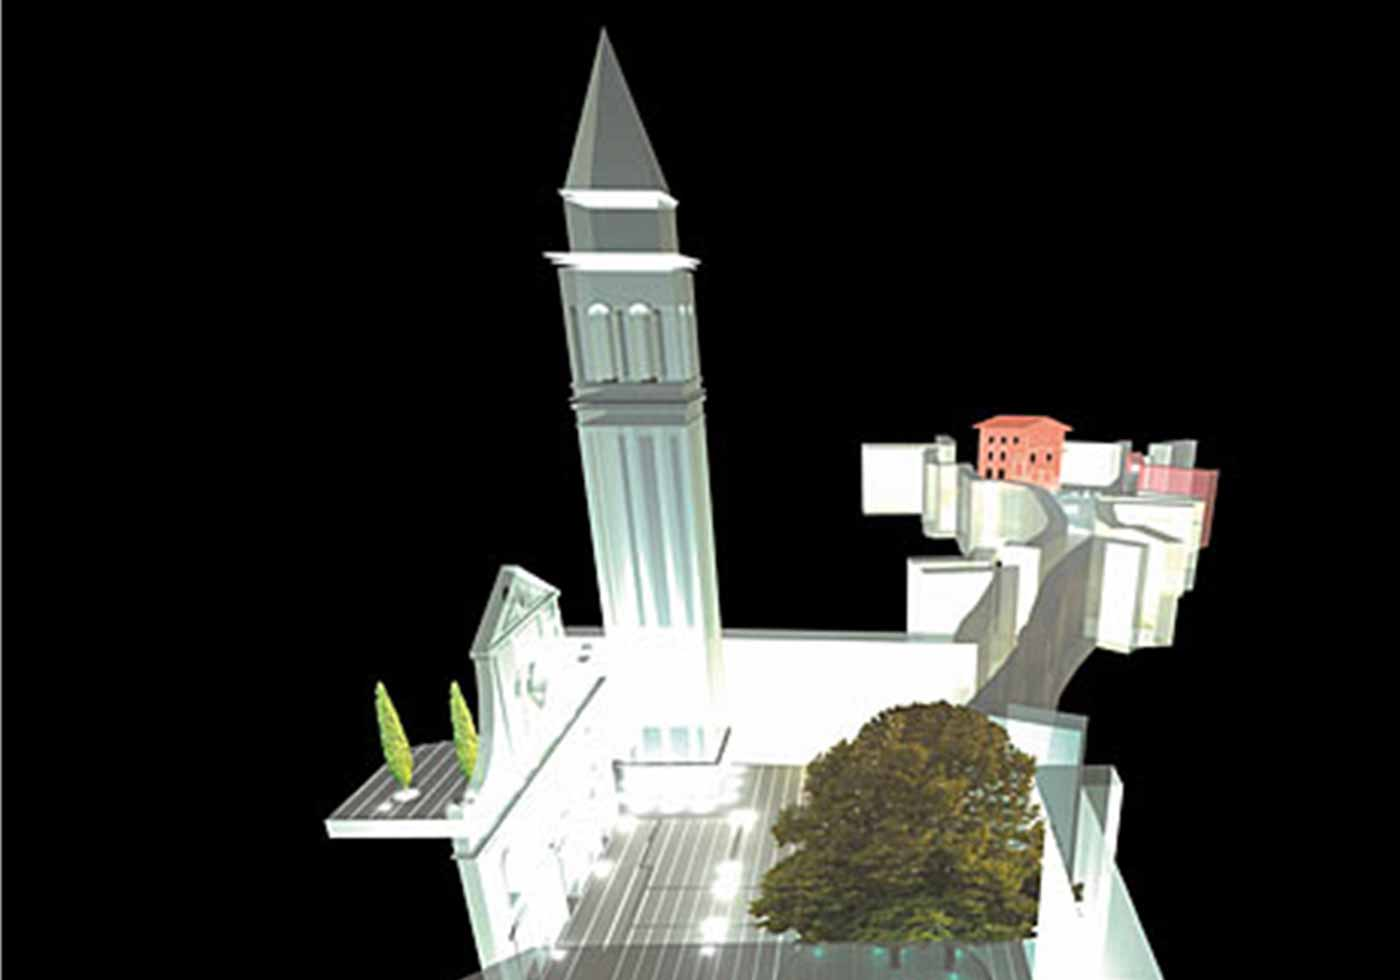 Градостроительство и оформление площадей, Воднян, Хорватия